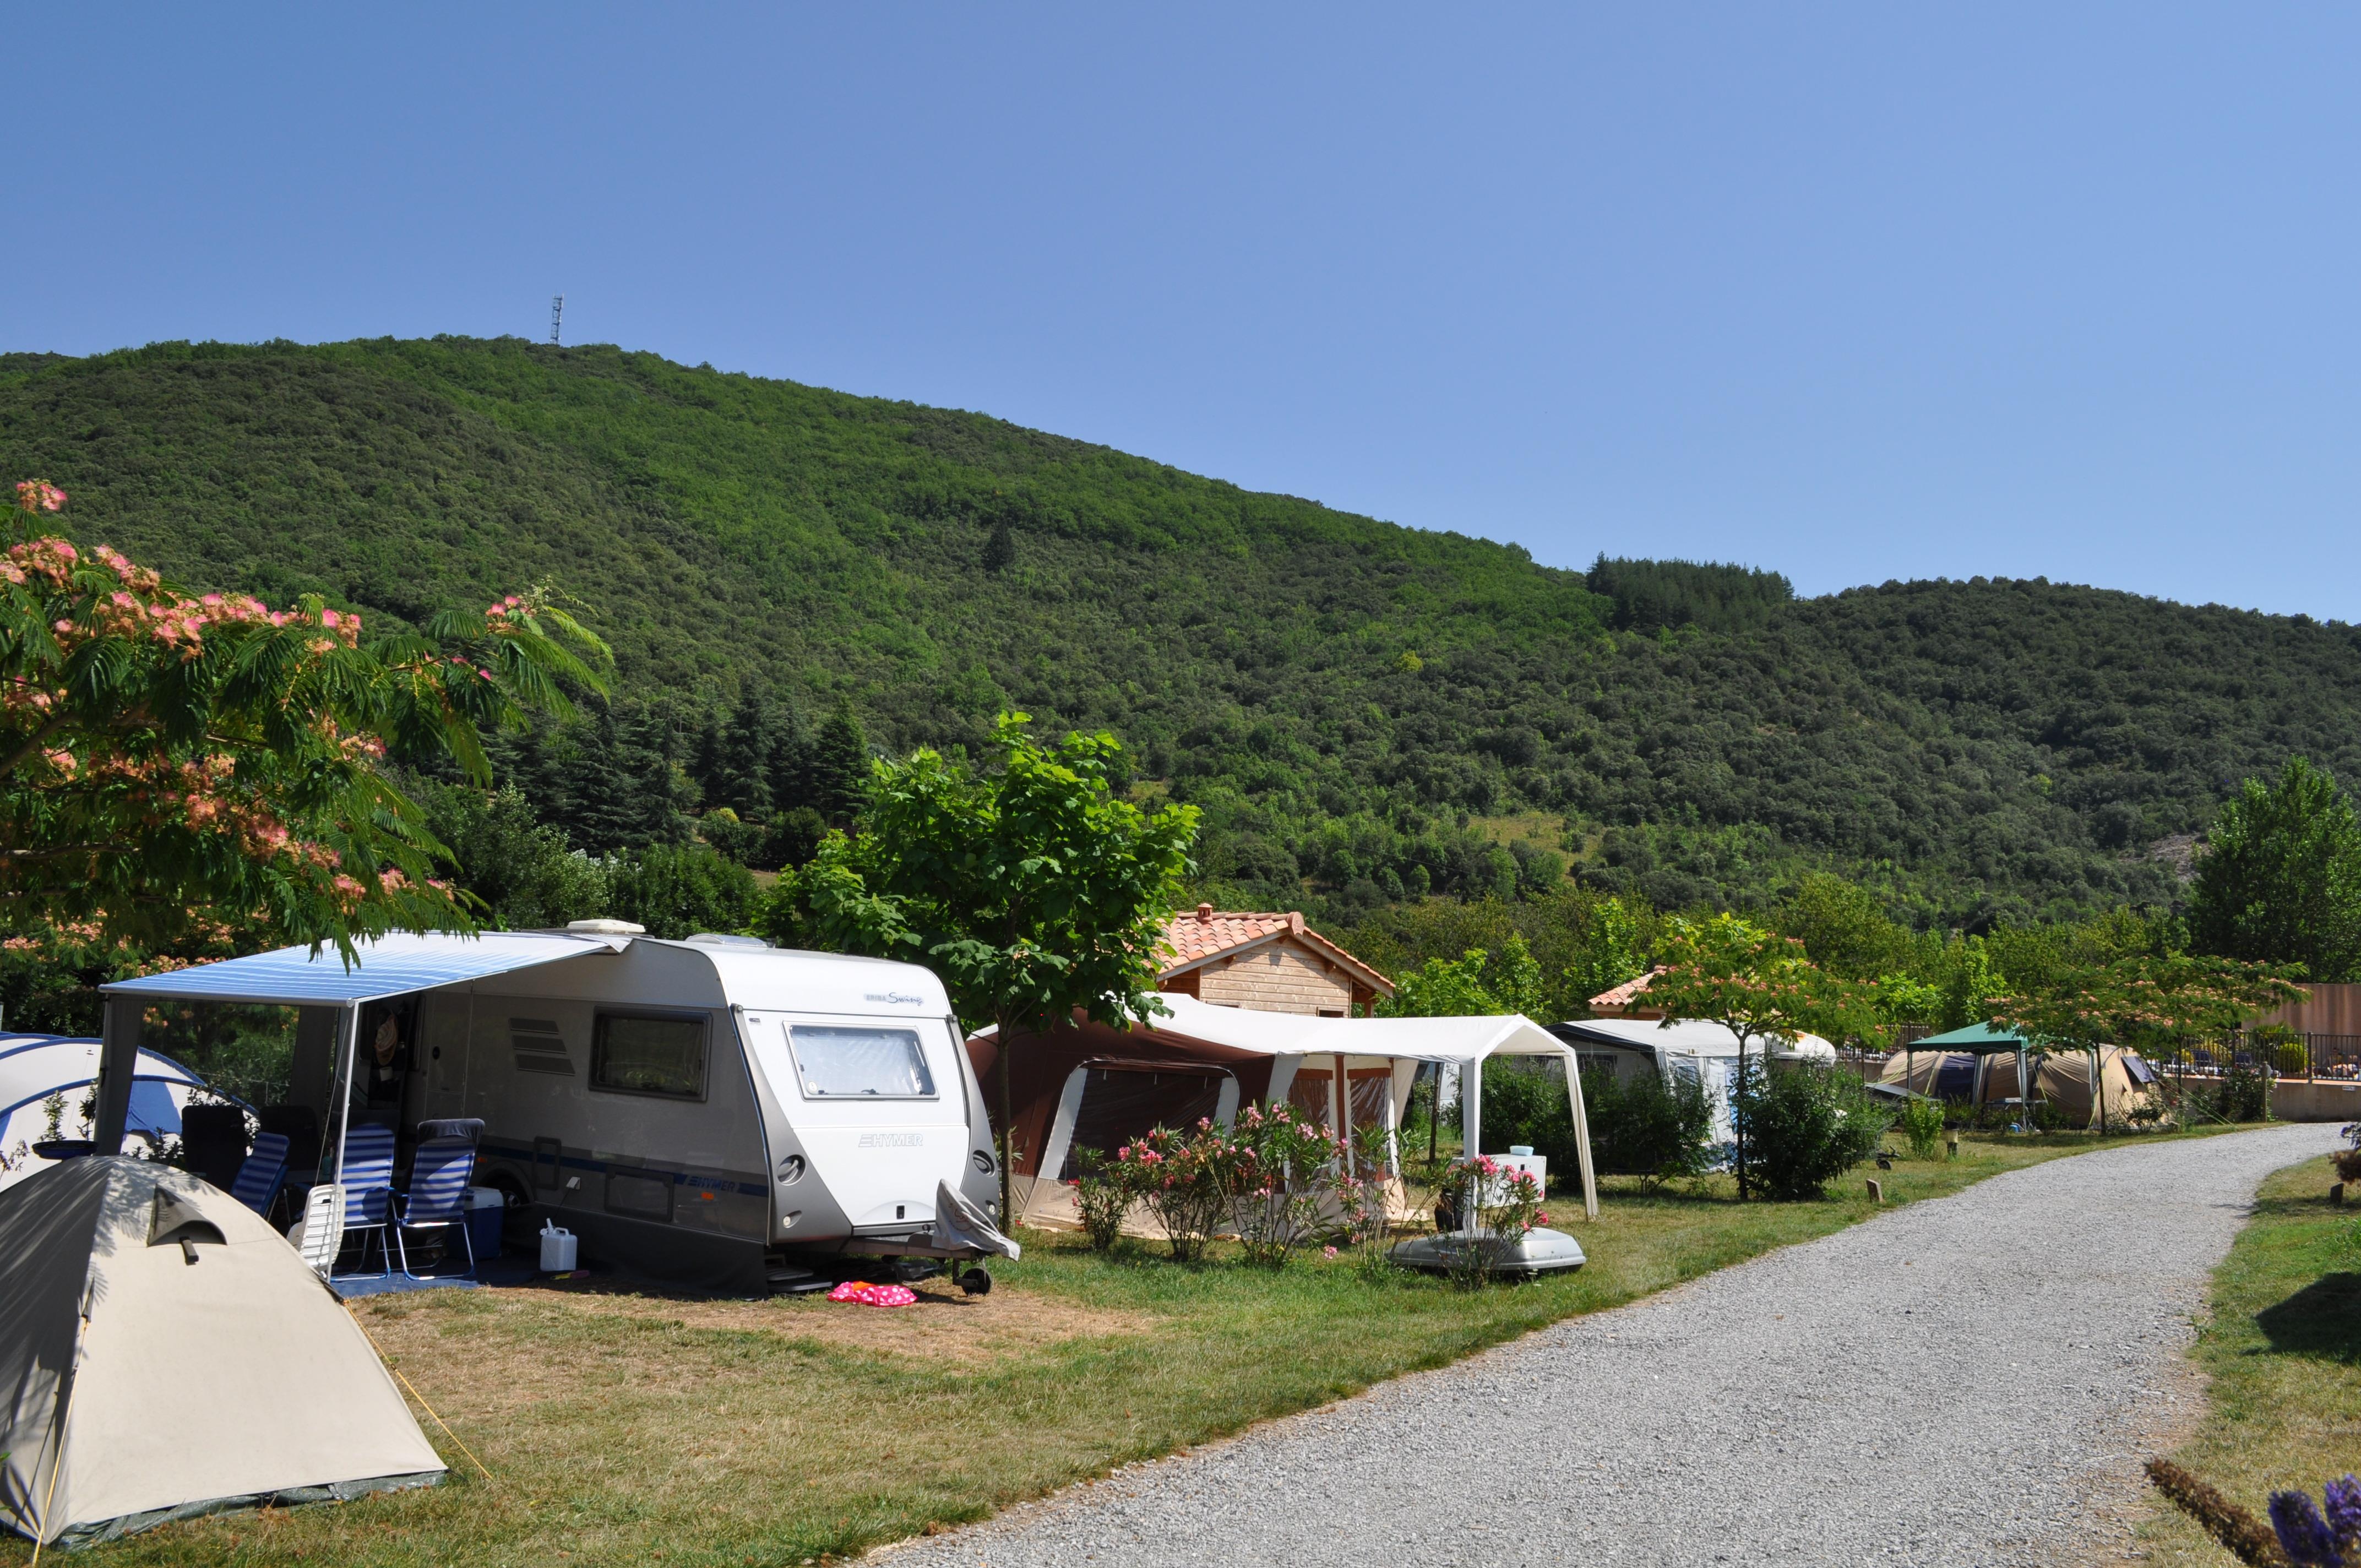 Emplacement - Emplacement + Sanitaire Privé + 2 Pers. + Électricité - Camping Les Cerisiers du Jaur